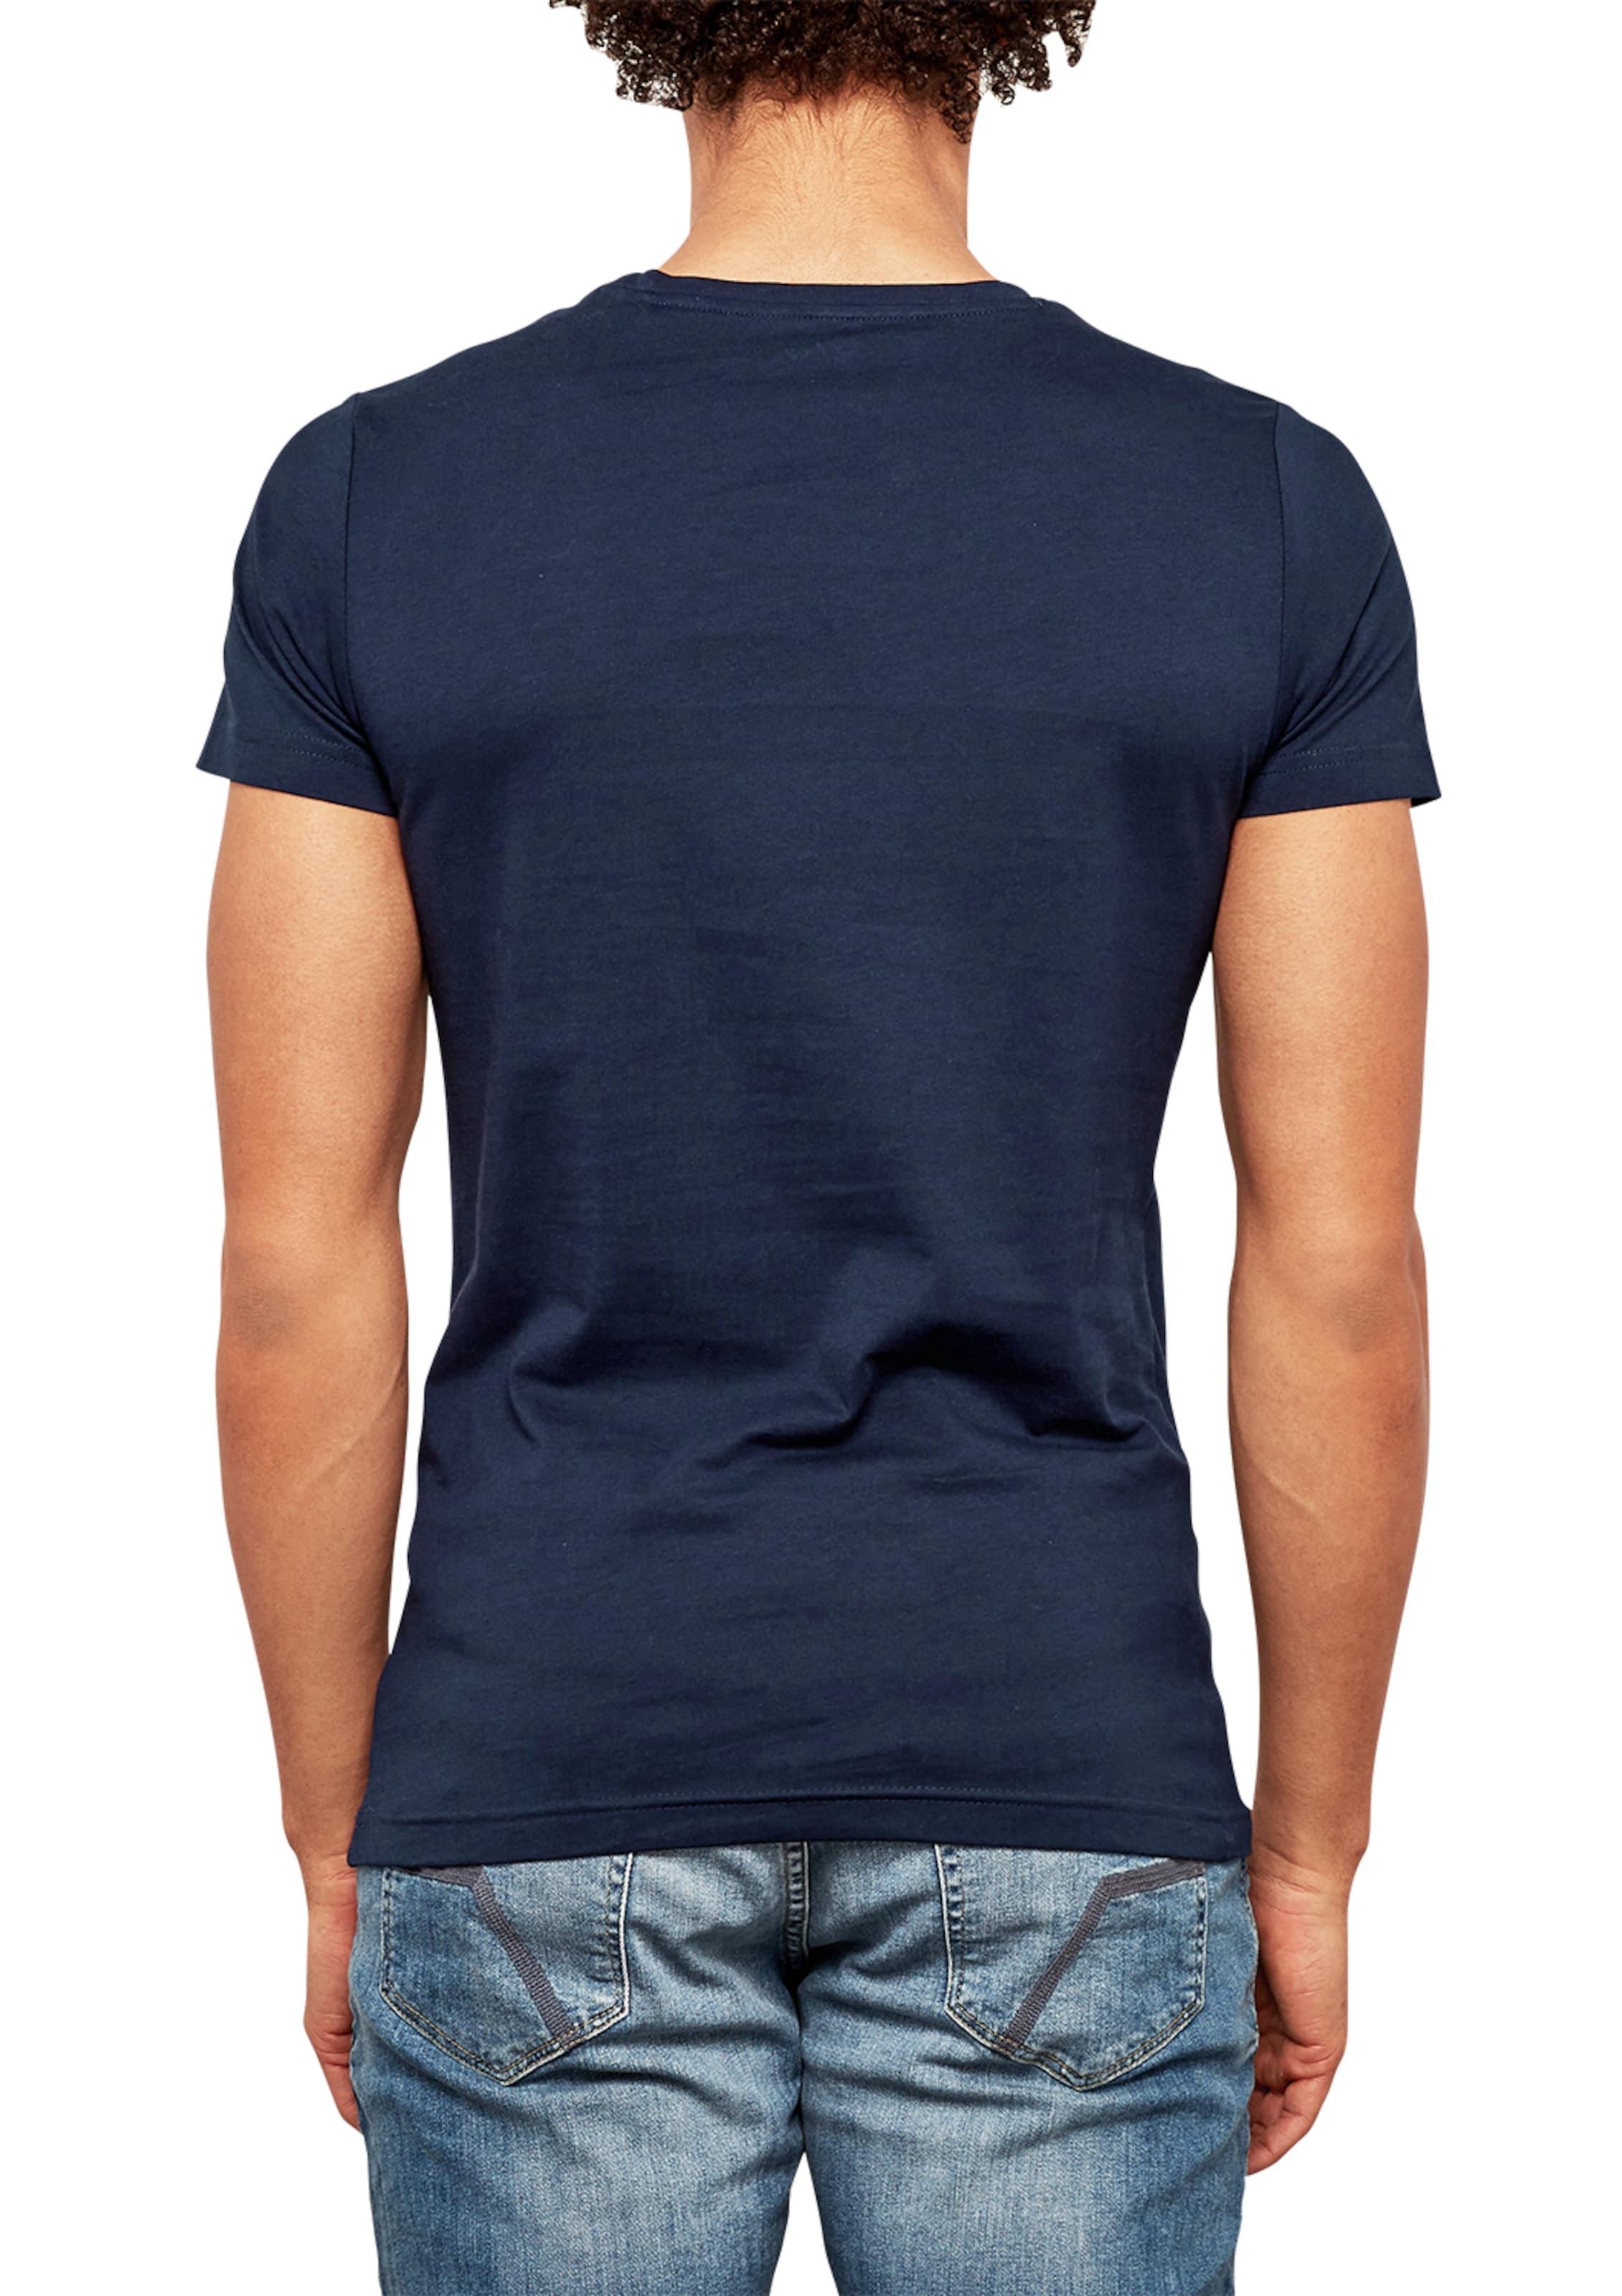 Billig Verkaufen Wiki Verkauf Wählen Eine Beste Q/S designed by T-Shirt mit Foto-Print Footaction Online zXIClDjG